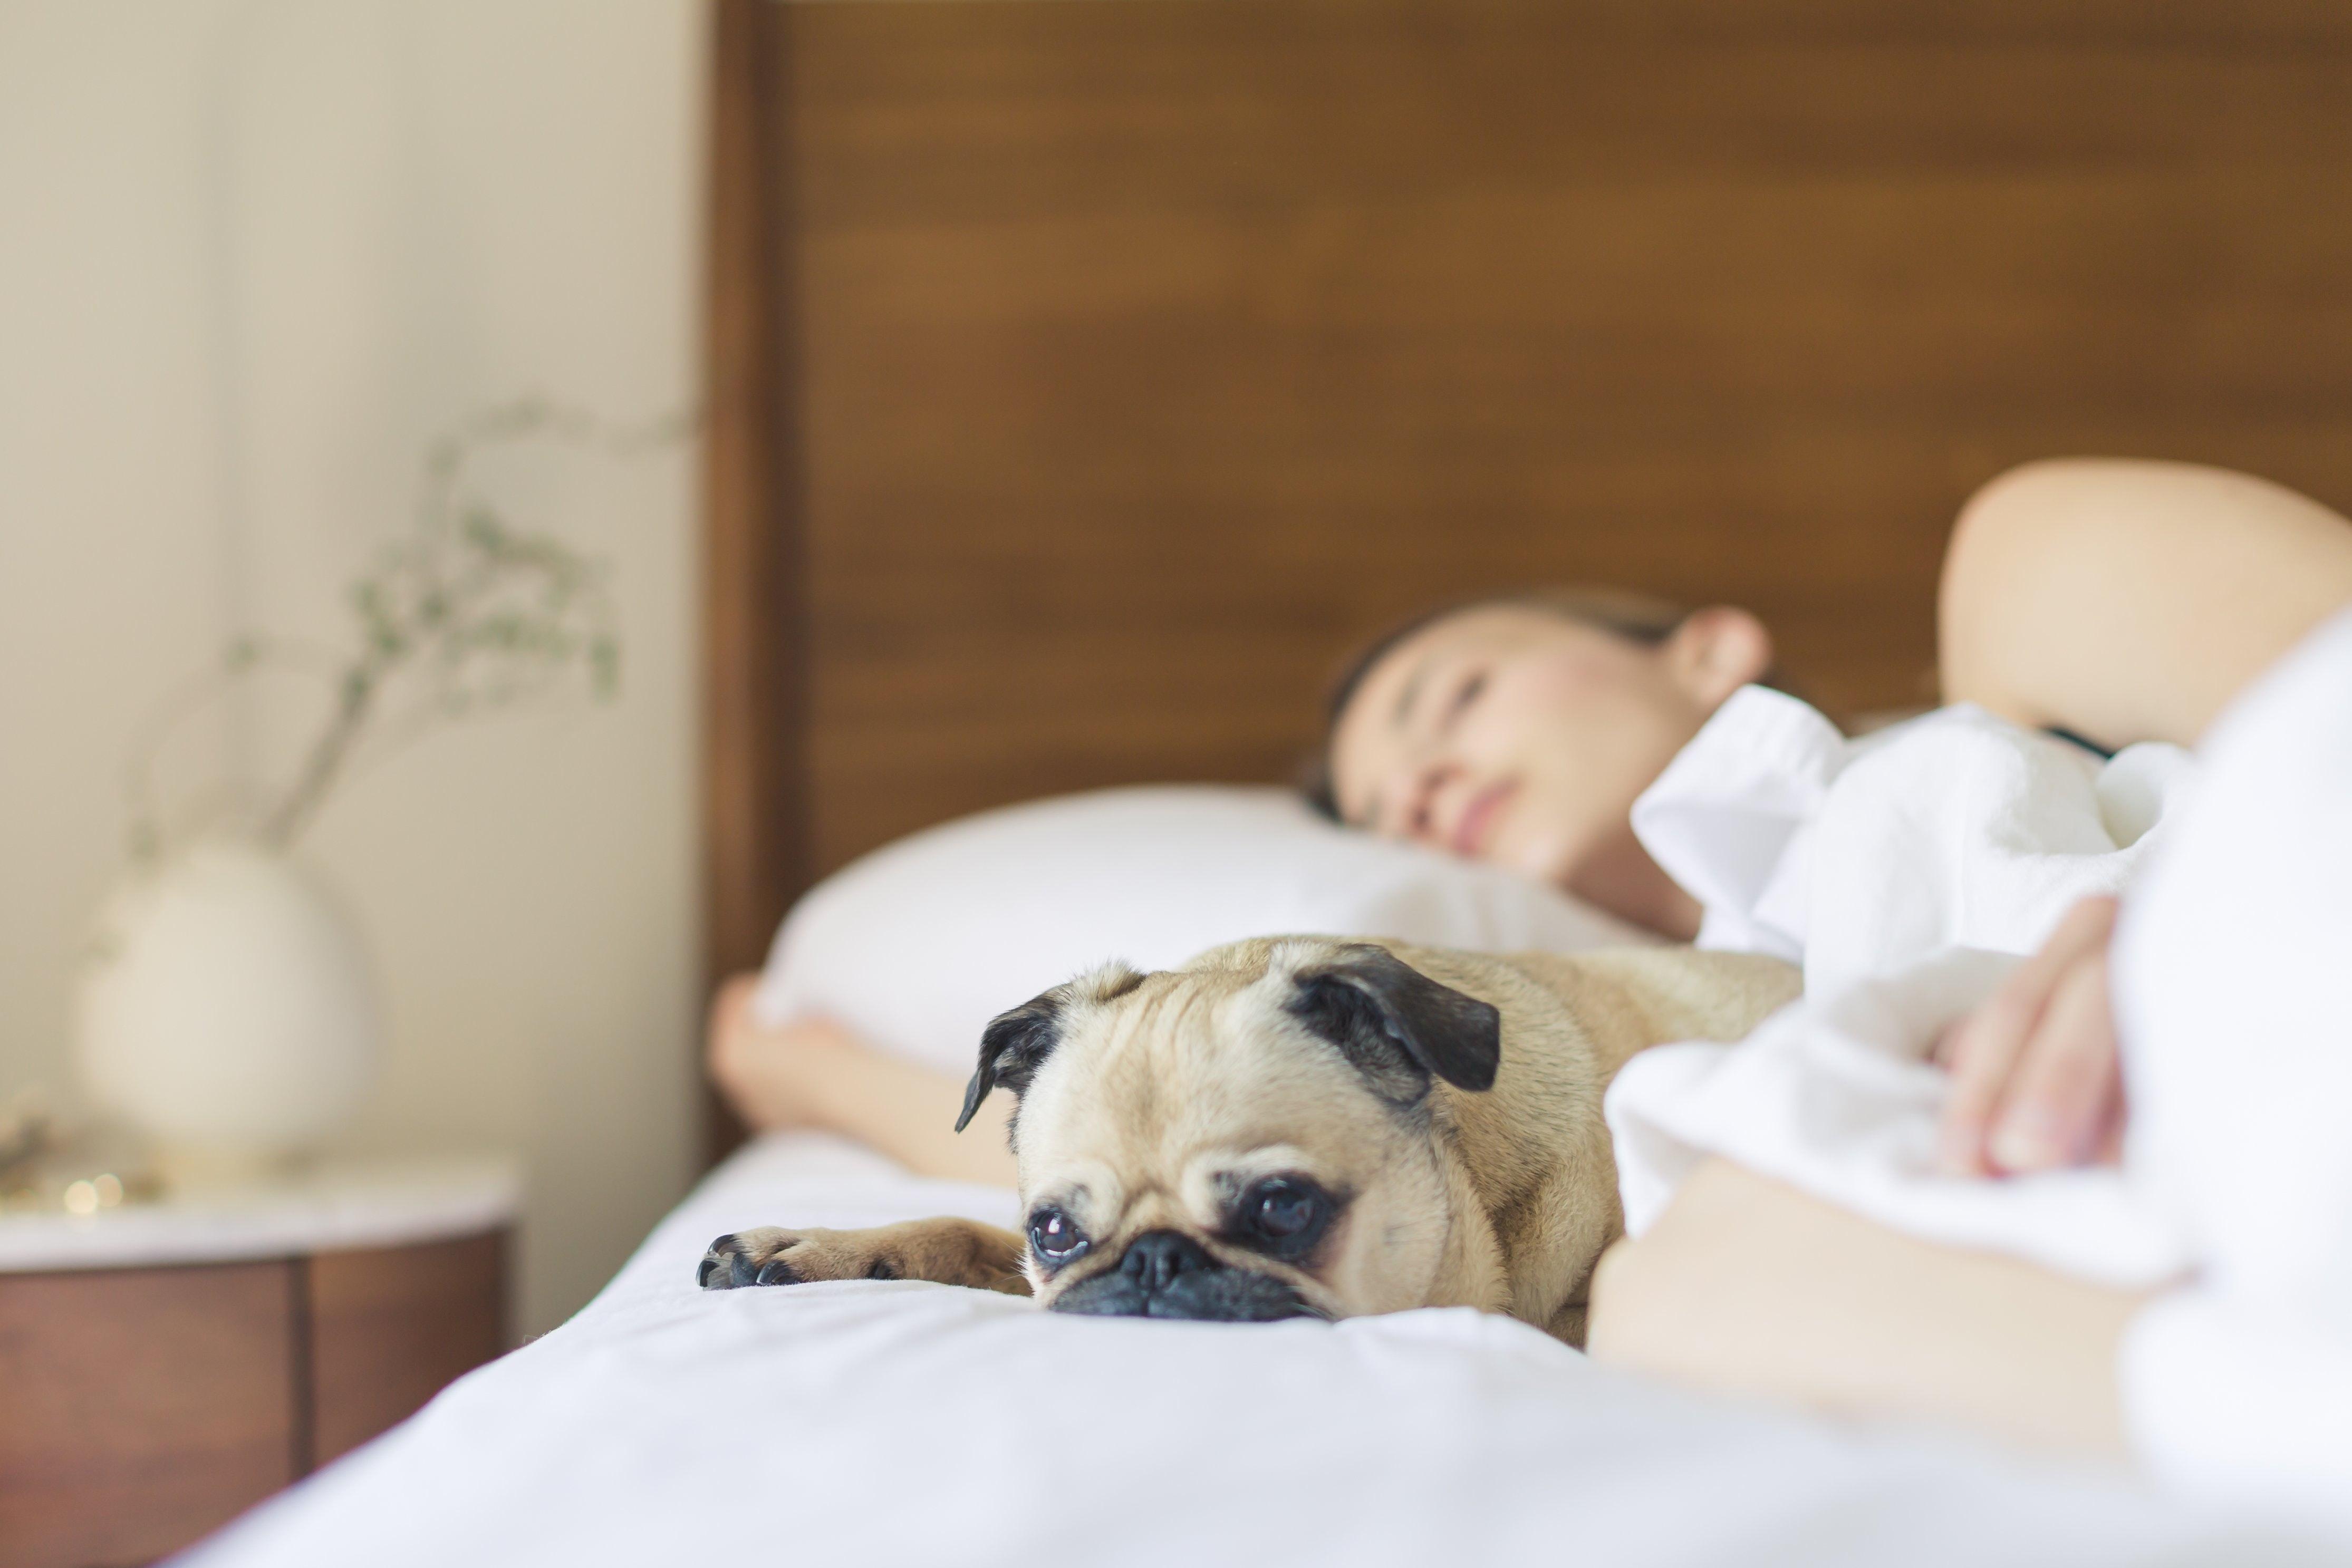 ¿Cuál es la posición para dormir más saludable?